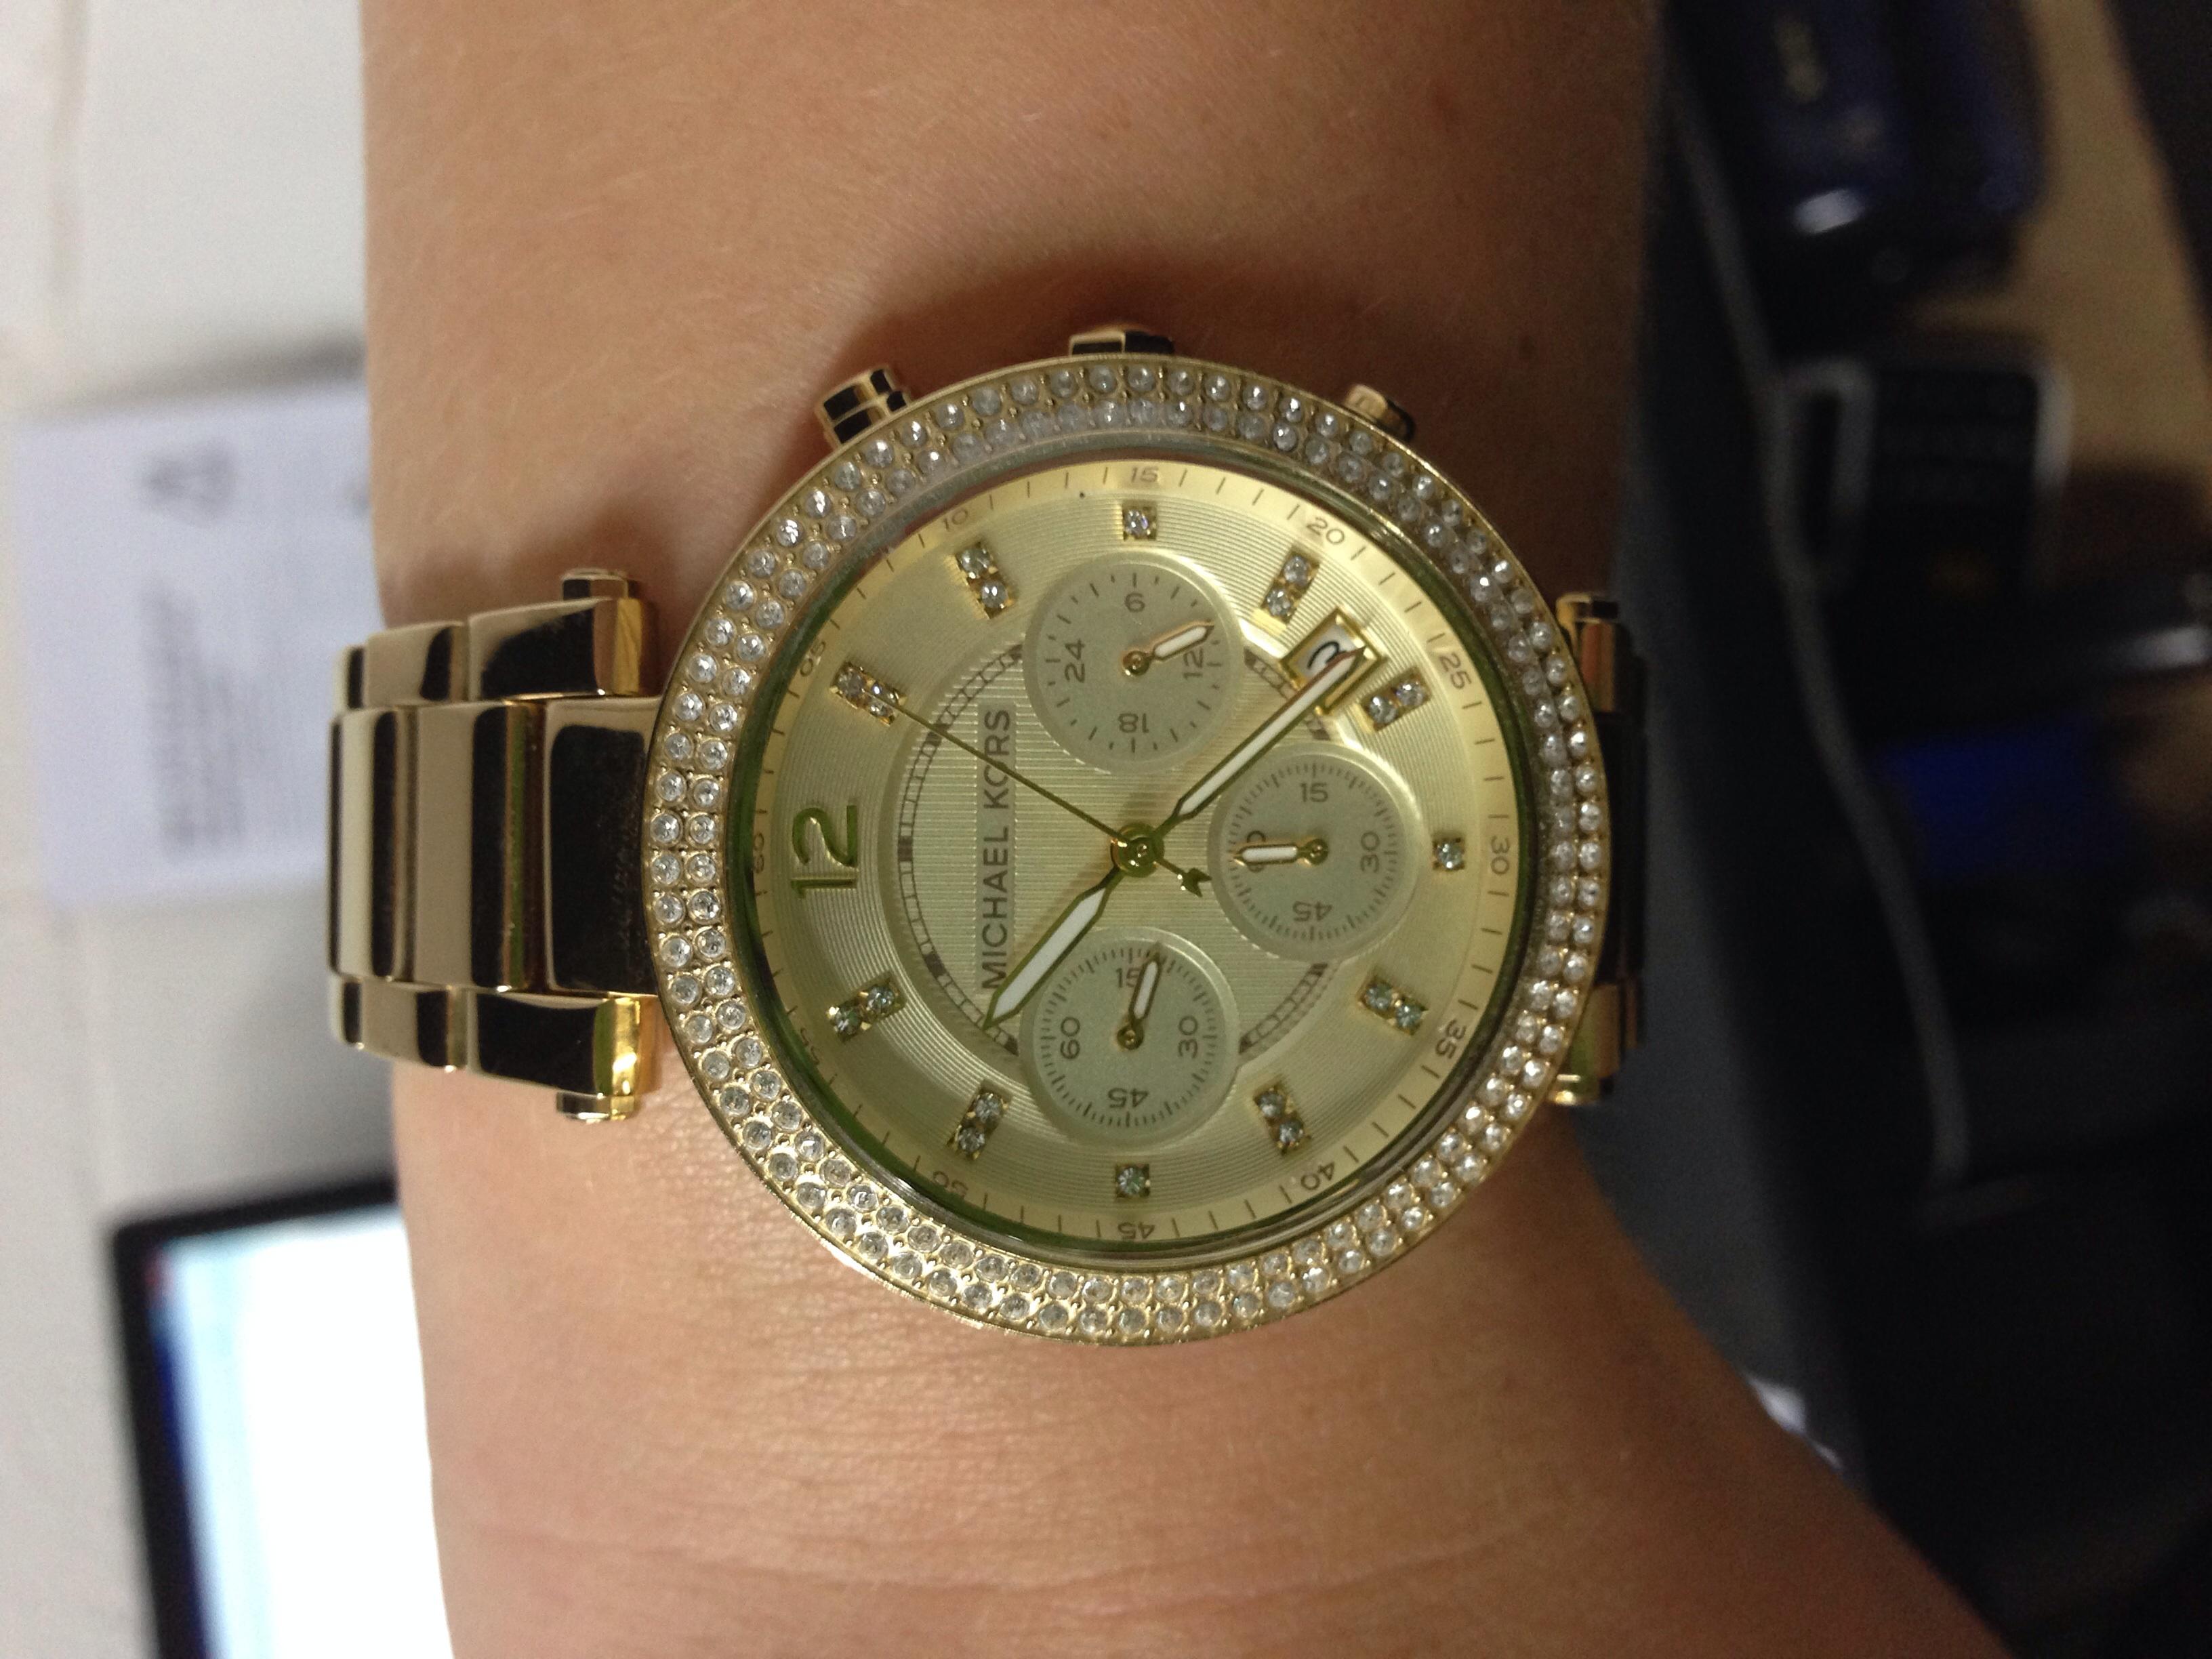 Absolutley stunning watch bae3bd6ff4f4